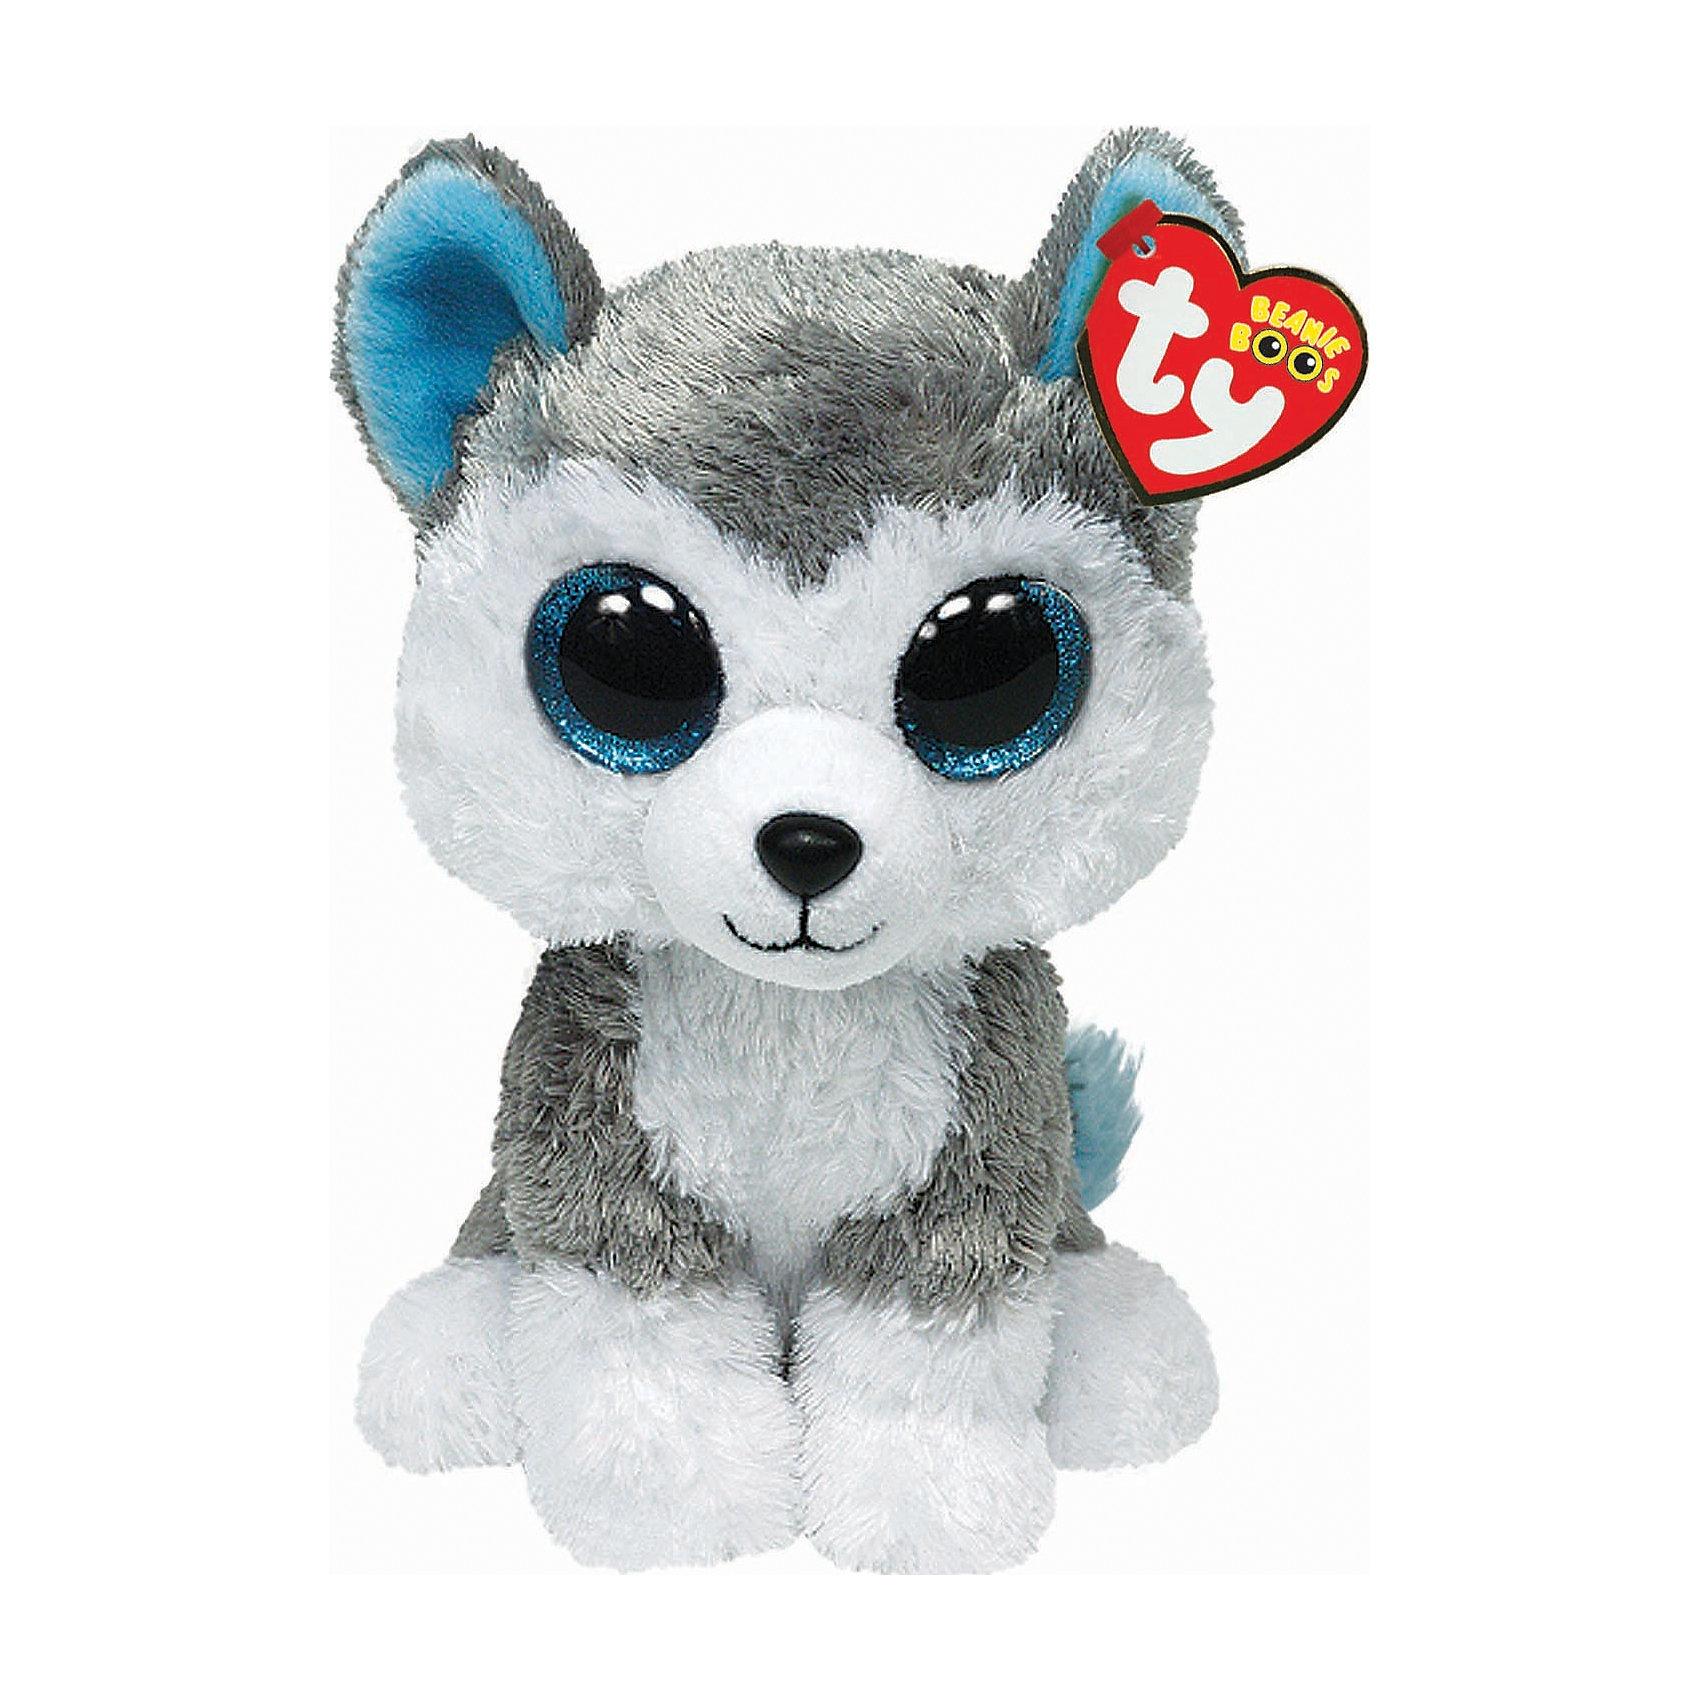 Волчонок Slush, 15 см, TyЗамечательный Волчонок Slush от Ту станет самым лучшим другом Вашему малышу. Он станет любимой игрушкой, с которой можно весело играть днем и уютно засыпать ночью. Игрушечный волчонок составит приятную компанию малышу на прогулке. Он представляет новую коллекцию мягких игрушек Beanie Boos. Особенность игрушки в том, что она понравится как мальчикам, так и девочкам. Замечательный Волчонок Slush с невероятно добрыми искренними глазками еще никого не оставлял равнодушным! У волчонка мягкая серая шерстка и смешные ушки. Ребенок может разыгрывать любые сюжеты с забавным другом, благодаря чему у него будет развиваться фантазия, воображение, а также навыки сюжетно-ролевой игры. Заботясь о маленьком друге малыш научится бережному отношению к своим вещам, игрушкам и животным. Рассказав ребенку о волчатах и их жизни в лесу, Вы расширите представления малыша об окружающем мире!<br><br>Дополнительная информация:<br><br>- Игрушка развивает: тактильные навыки, зрительную координацию, мелкую моторику рук;<br>- Материалы не вызовут аллергии у Вашего малыша;<br>- Яркие и стойкие цвета приятны для глаз;<br>- Материал: ткань, пластик, искусственный мех;<br>- Наполнение: синтепон;<br>- Высота игрушки: 15,24 см<br><br>Волчонка Slush, Ty, можно купить в нашем интернет-магазине.<br><br>Ширина мм: 152<br>Глубина мм: 96<br>Высота мм: 81<br>Вес г: 86<br>Возраст от месяцев: 12<br>Возраст до месяцев: 60<br>Пол: Унисекс<br>Возраст: Детский<br>SKU: 2495070